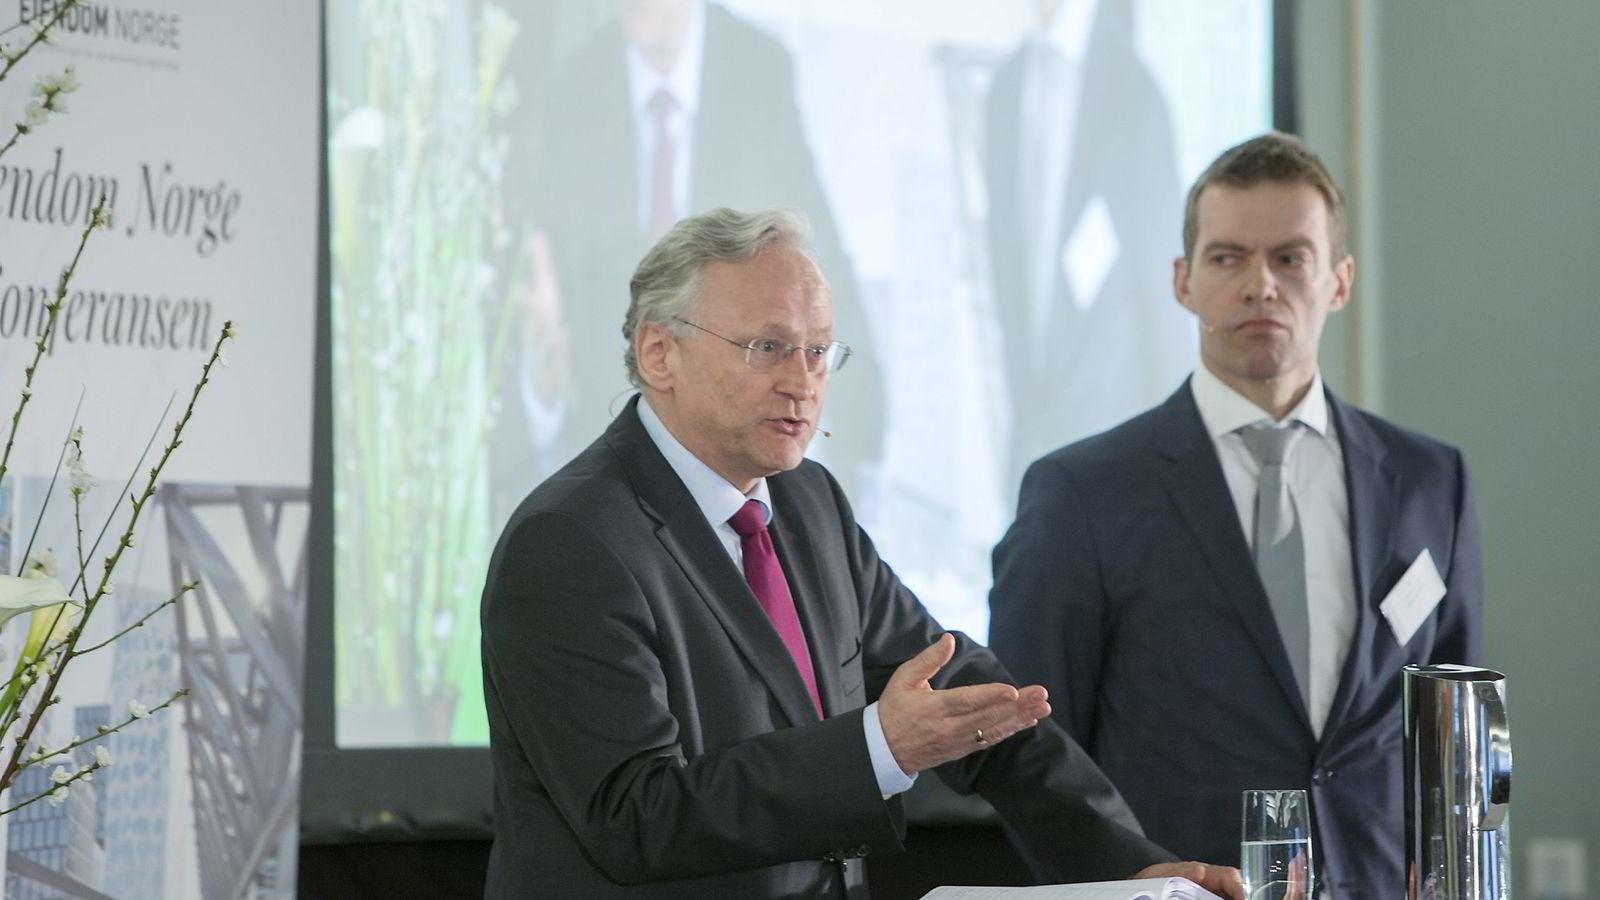 Tidligere sentralbanksjef Svein Gjedrem legger frem sine syn på boligmarkedet og den norske økonomien under Eiendom Norges boligkonferanse. I balgrunnen står BI-professor Erling Røed Larsen. Foto: